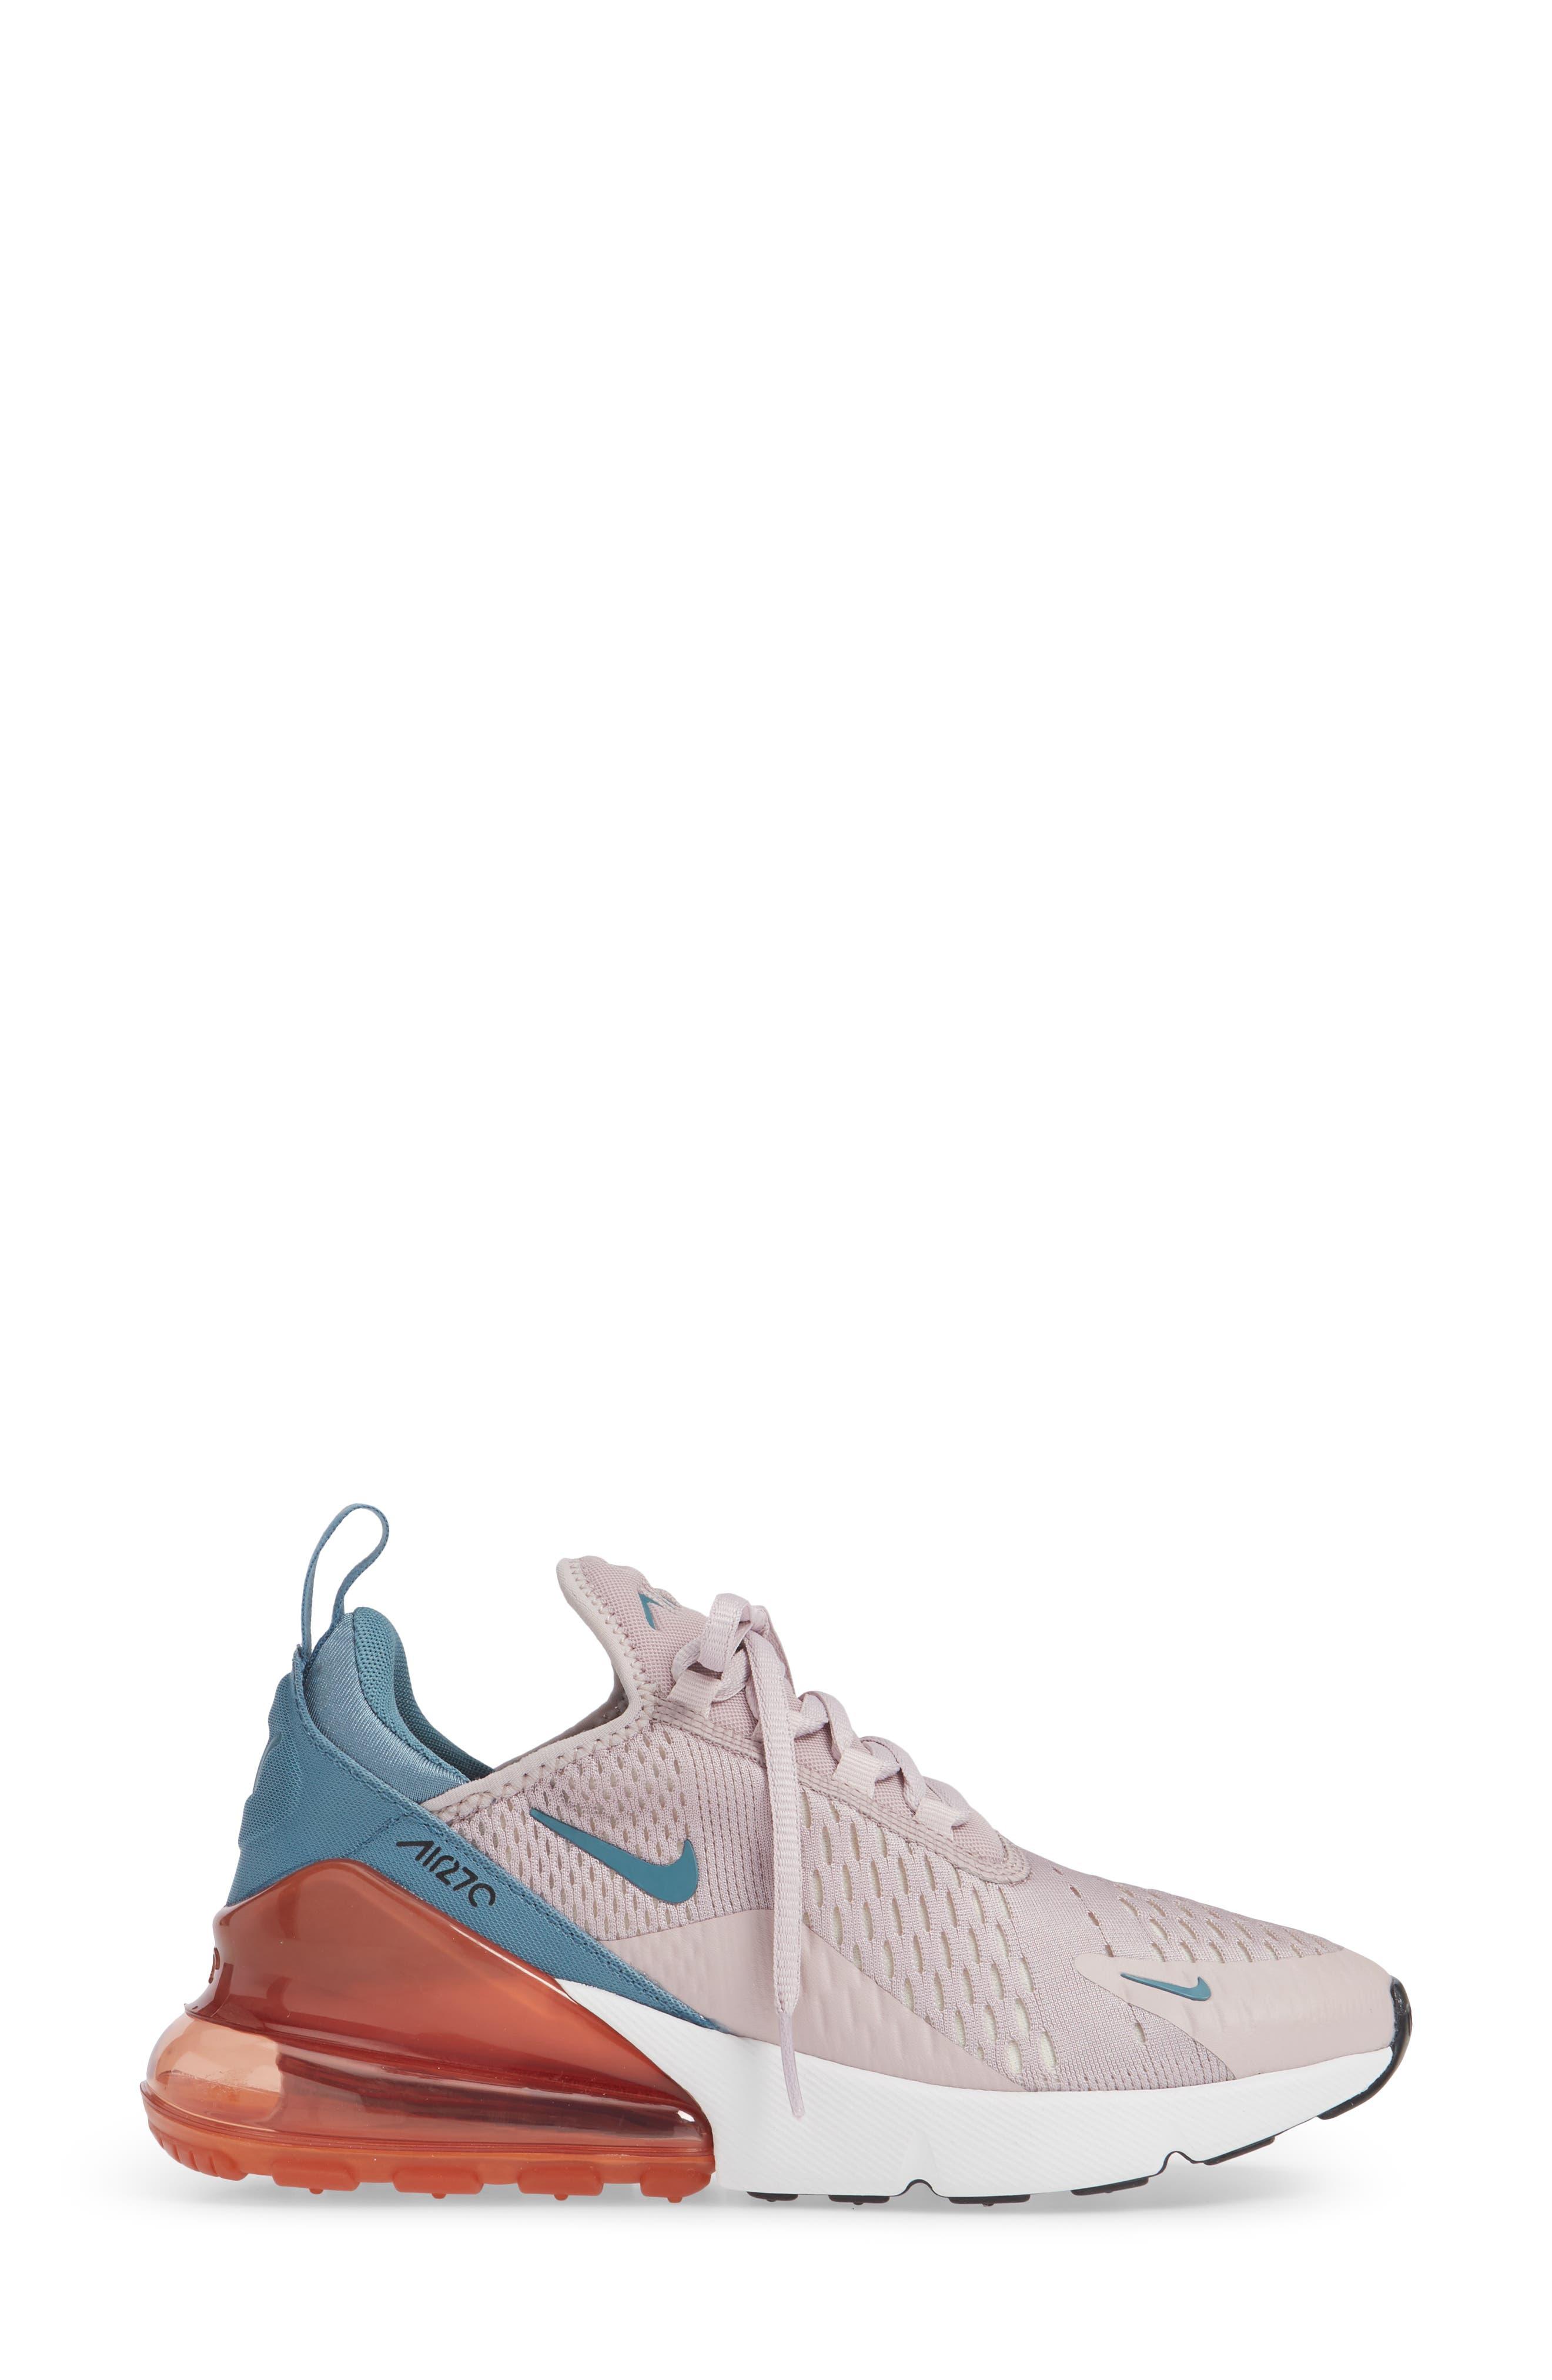 Air Max 270 Premium Sneaker,                             Alternate thumbnail 3, color,                             PARTICLE ROSE/ CELESTIAL TEAL